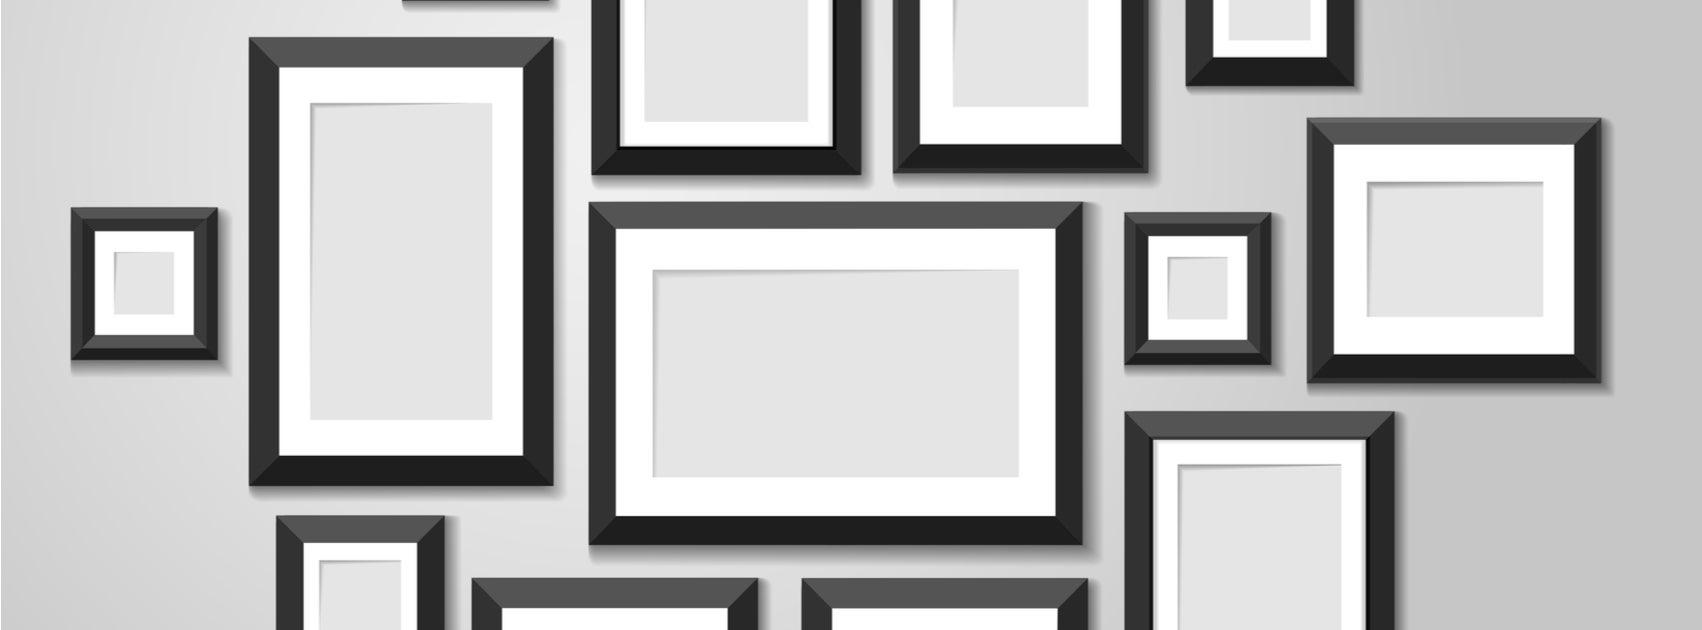 Cómo elegir un cuadro para la pared: cosas que debes saber